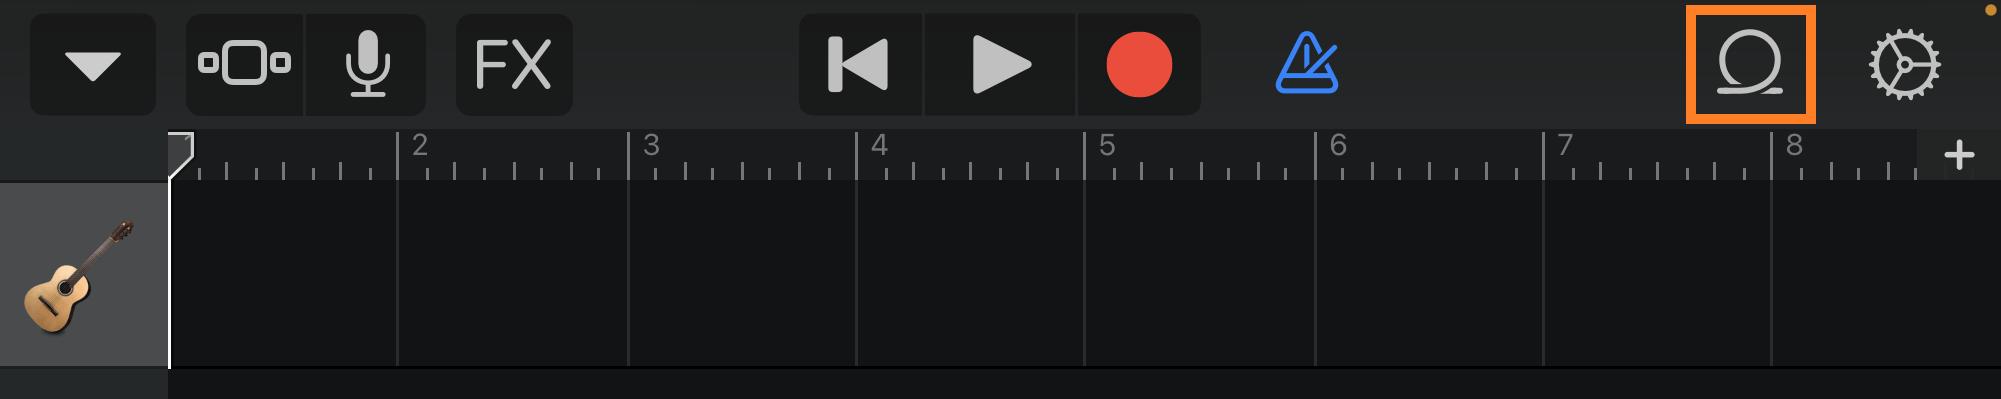 آهنگ های زنگ به صورت رایگان